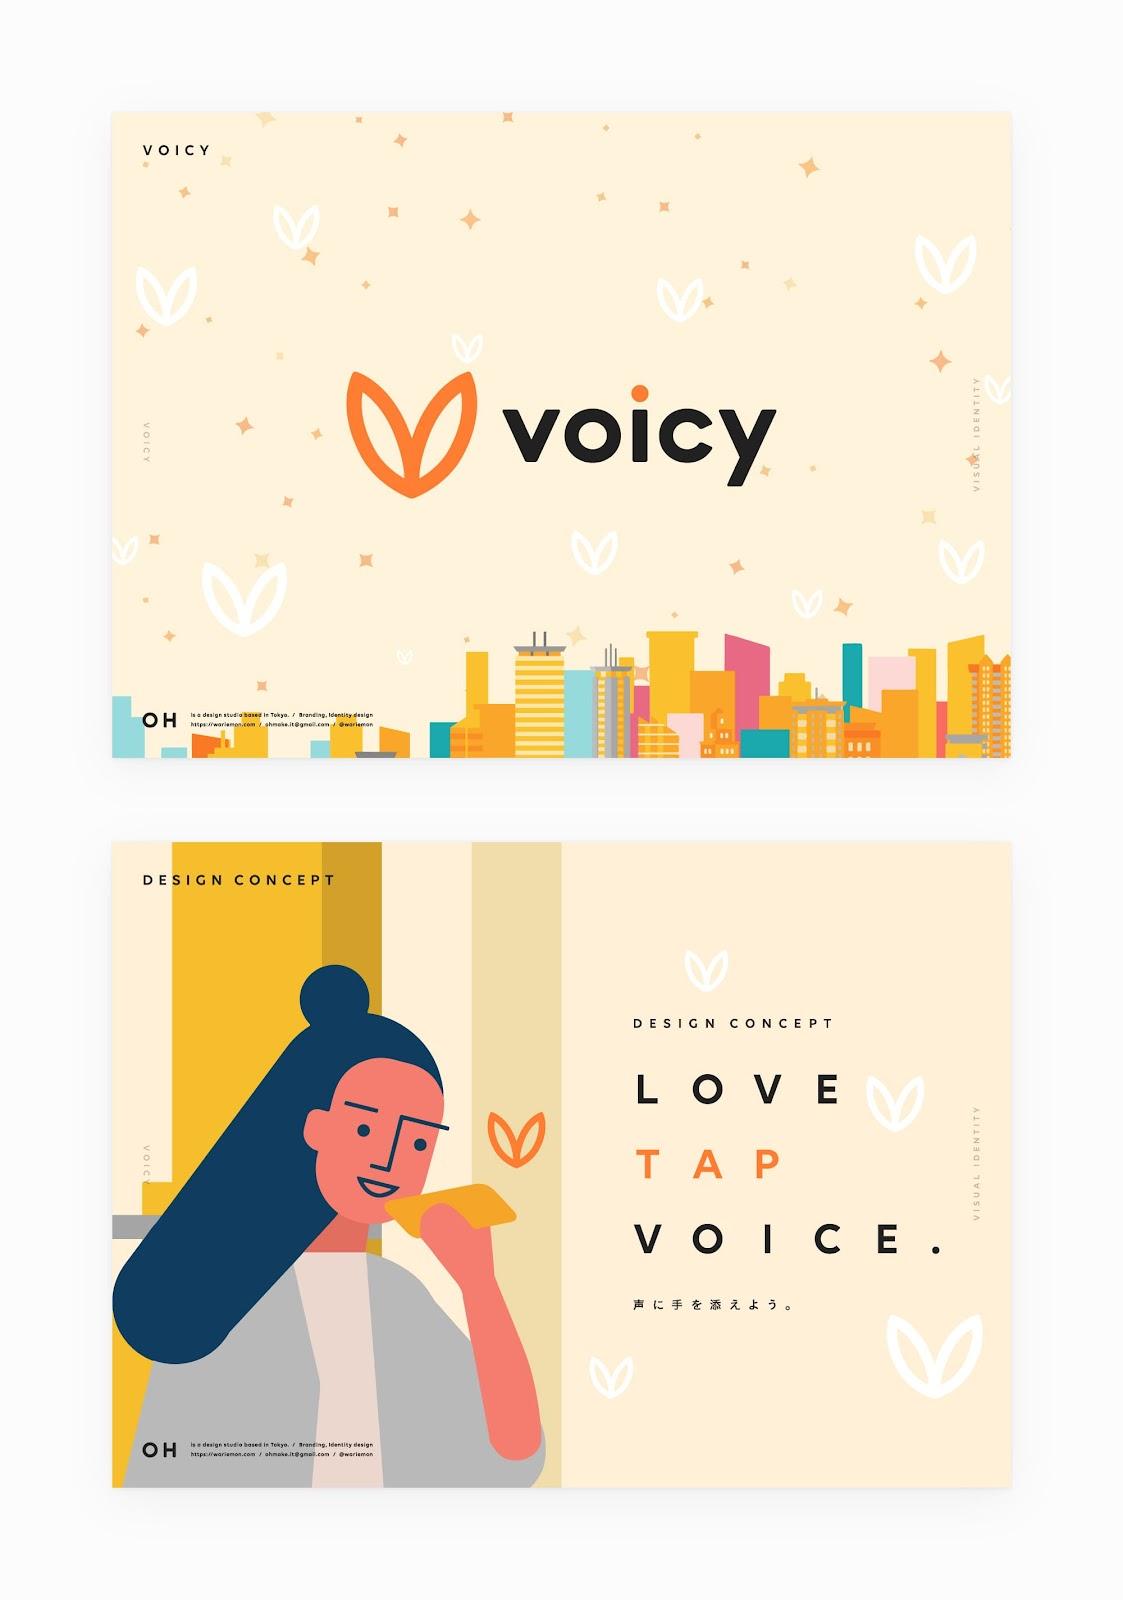 声でひとを届けるボイスメディア『Voicy』のデザインコンセプト